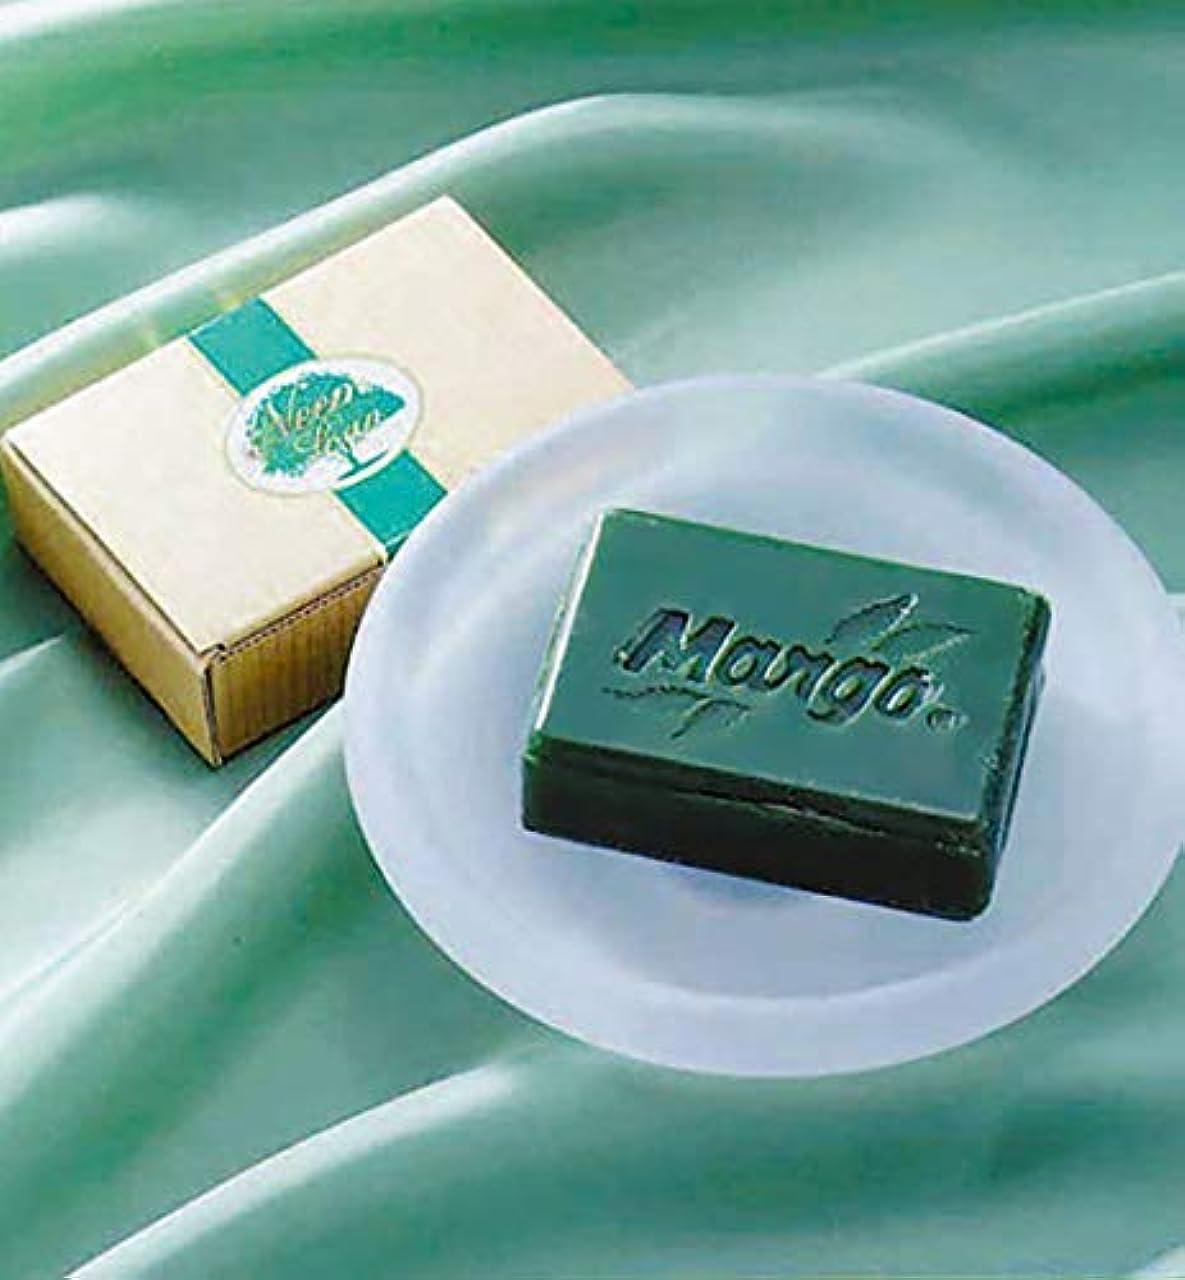 良さ近代化するタヒチコンフォート ニーム?ソープ (100g) 石鹸 【正規品】 敏感肌にも アロマ